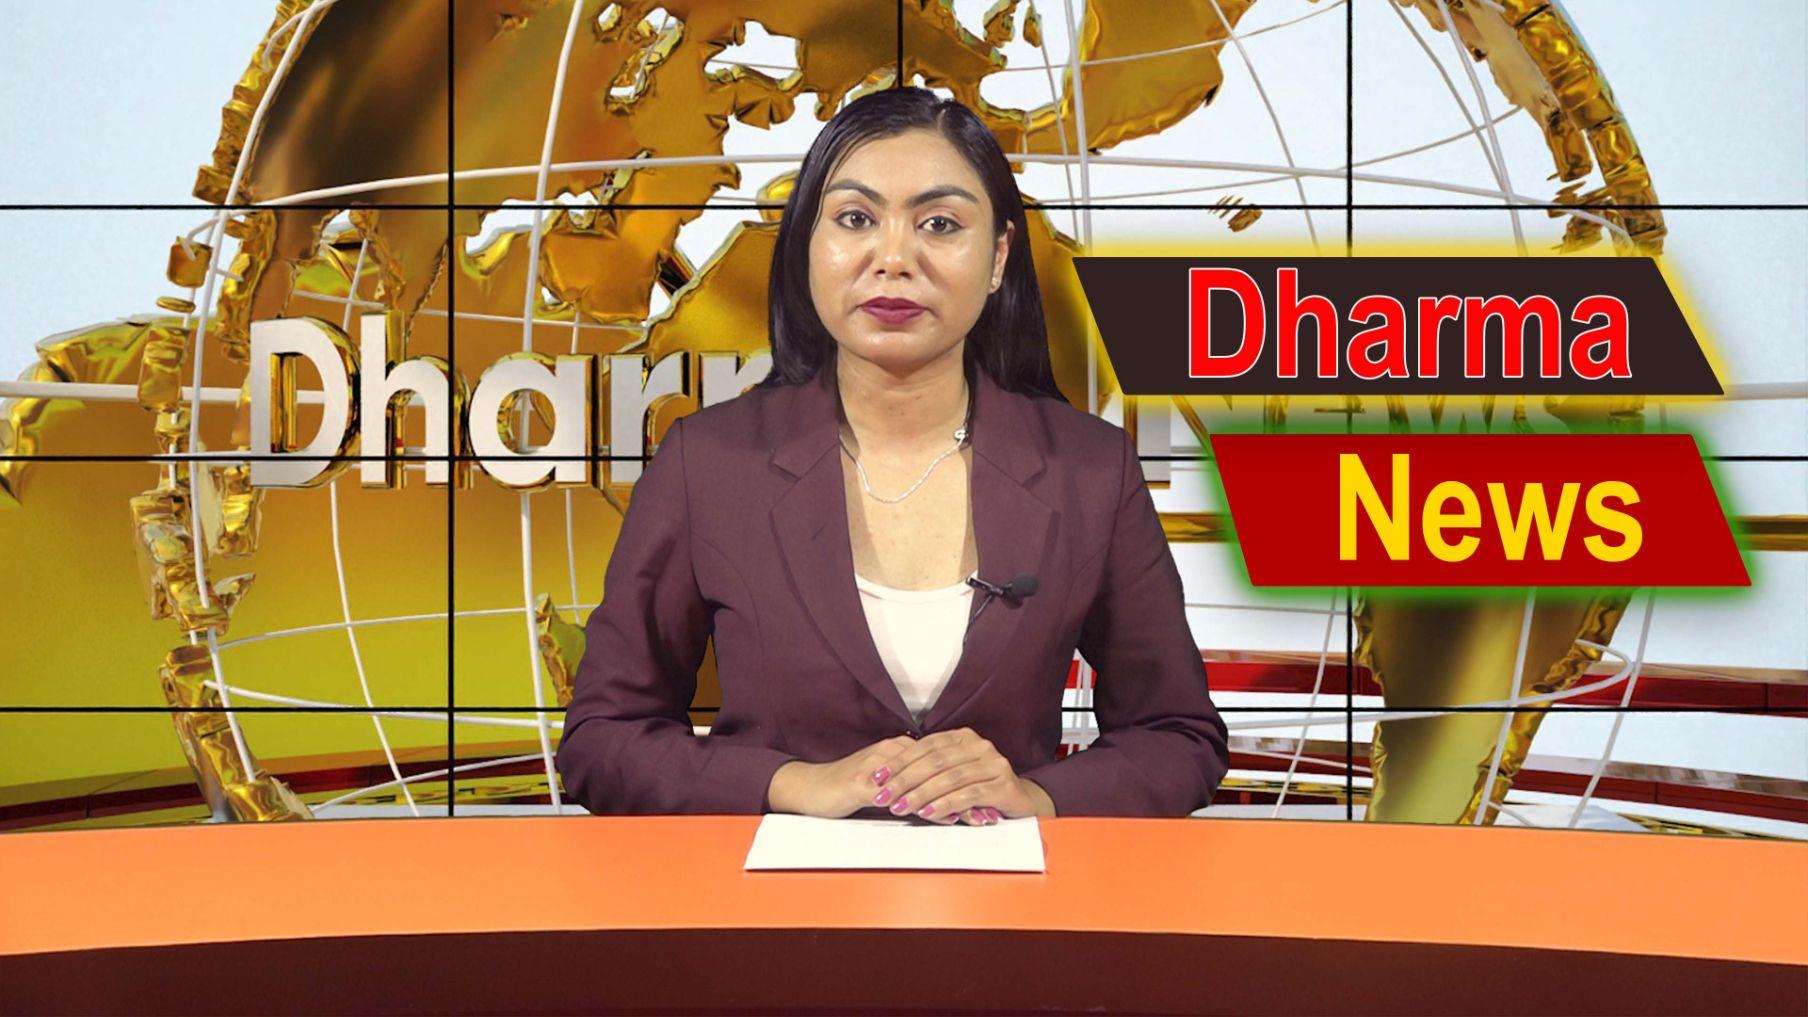 Dharma News